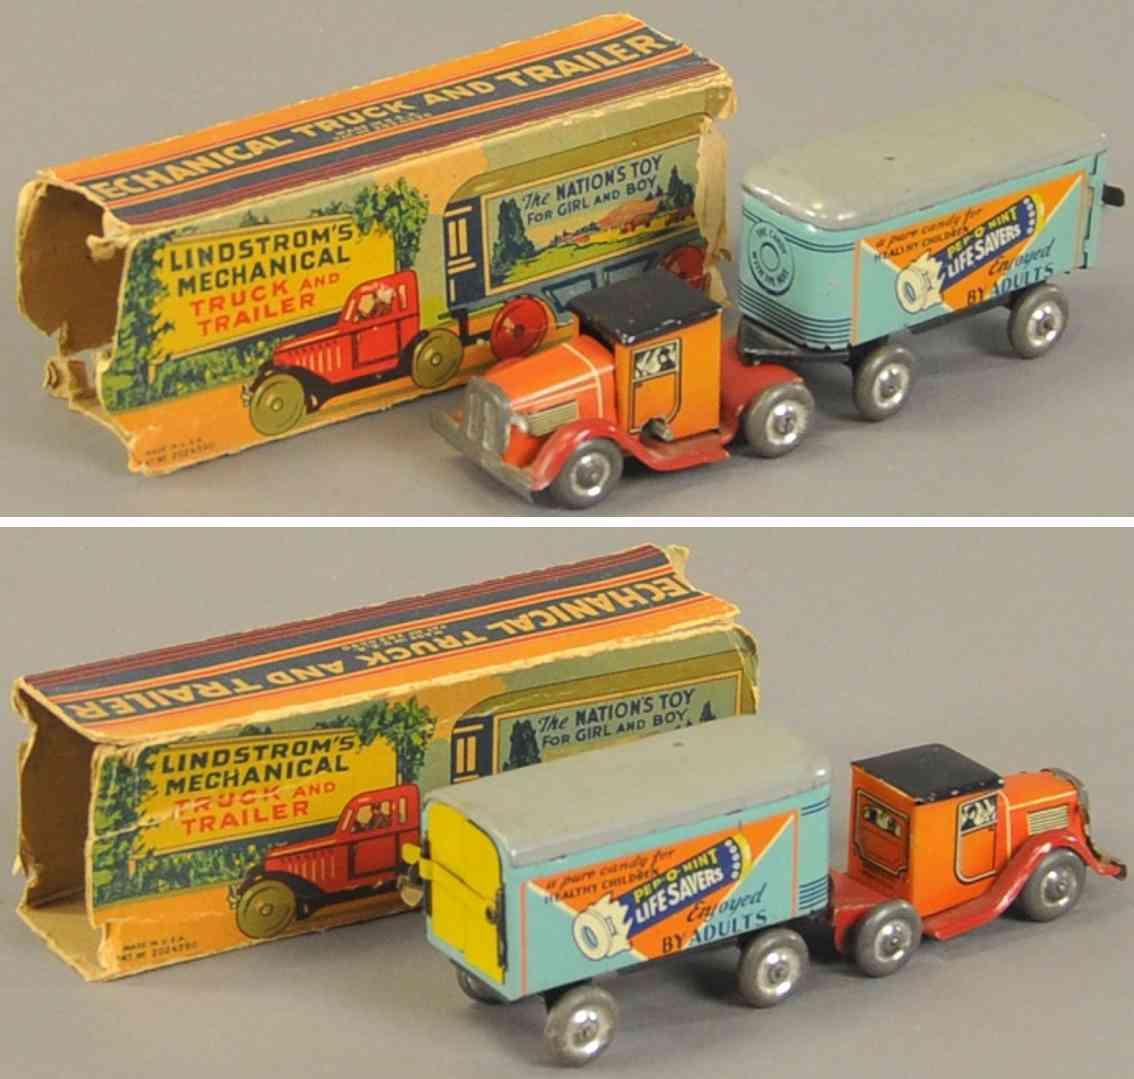 lindstrom blech spielzeug lastwagen zugmaschine anhaenger